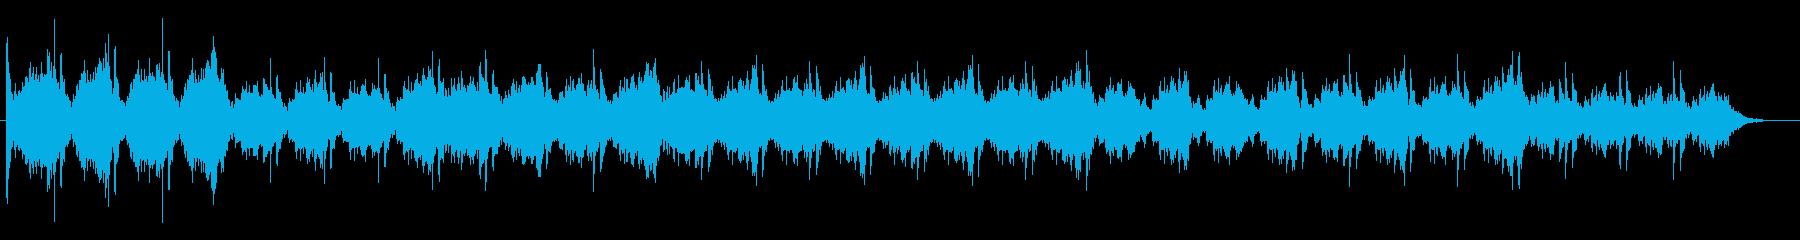 クワイアが印象的な不気味なBGMの再生済みの波形